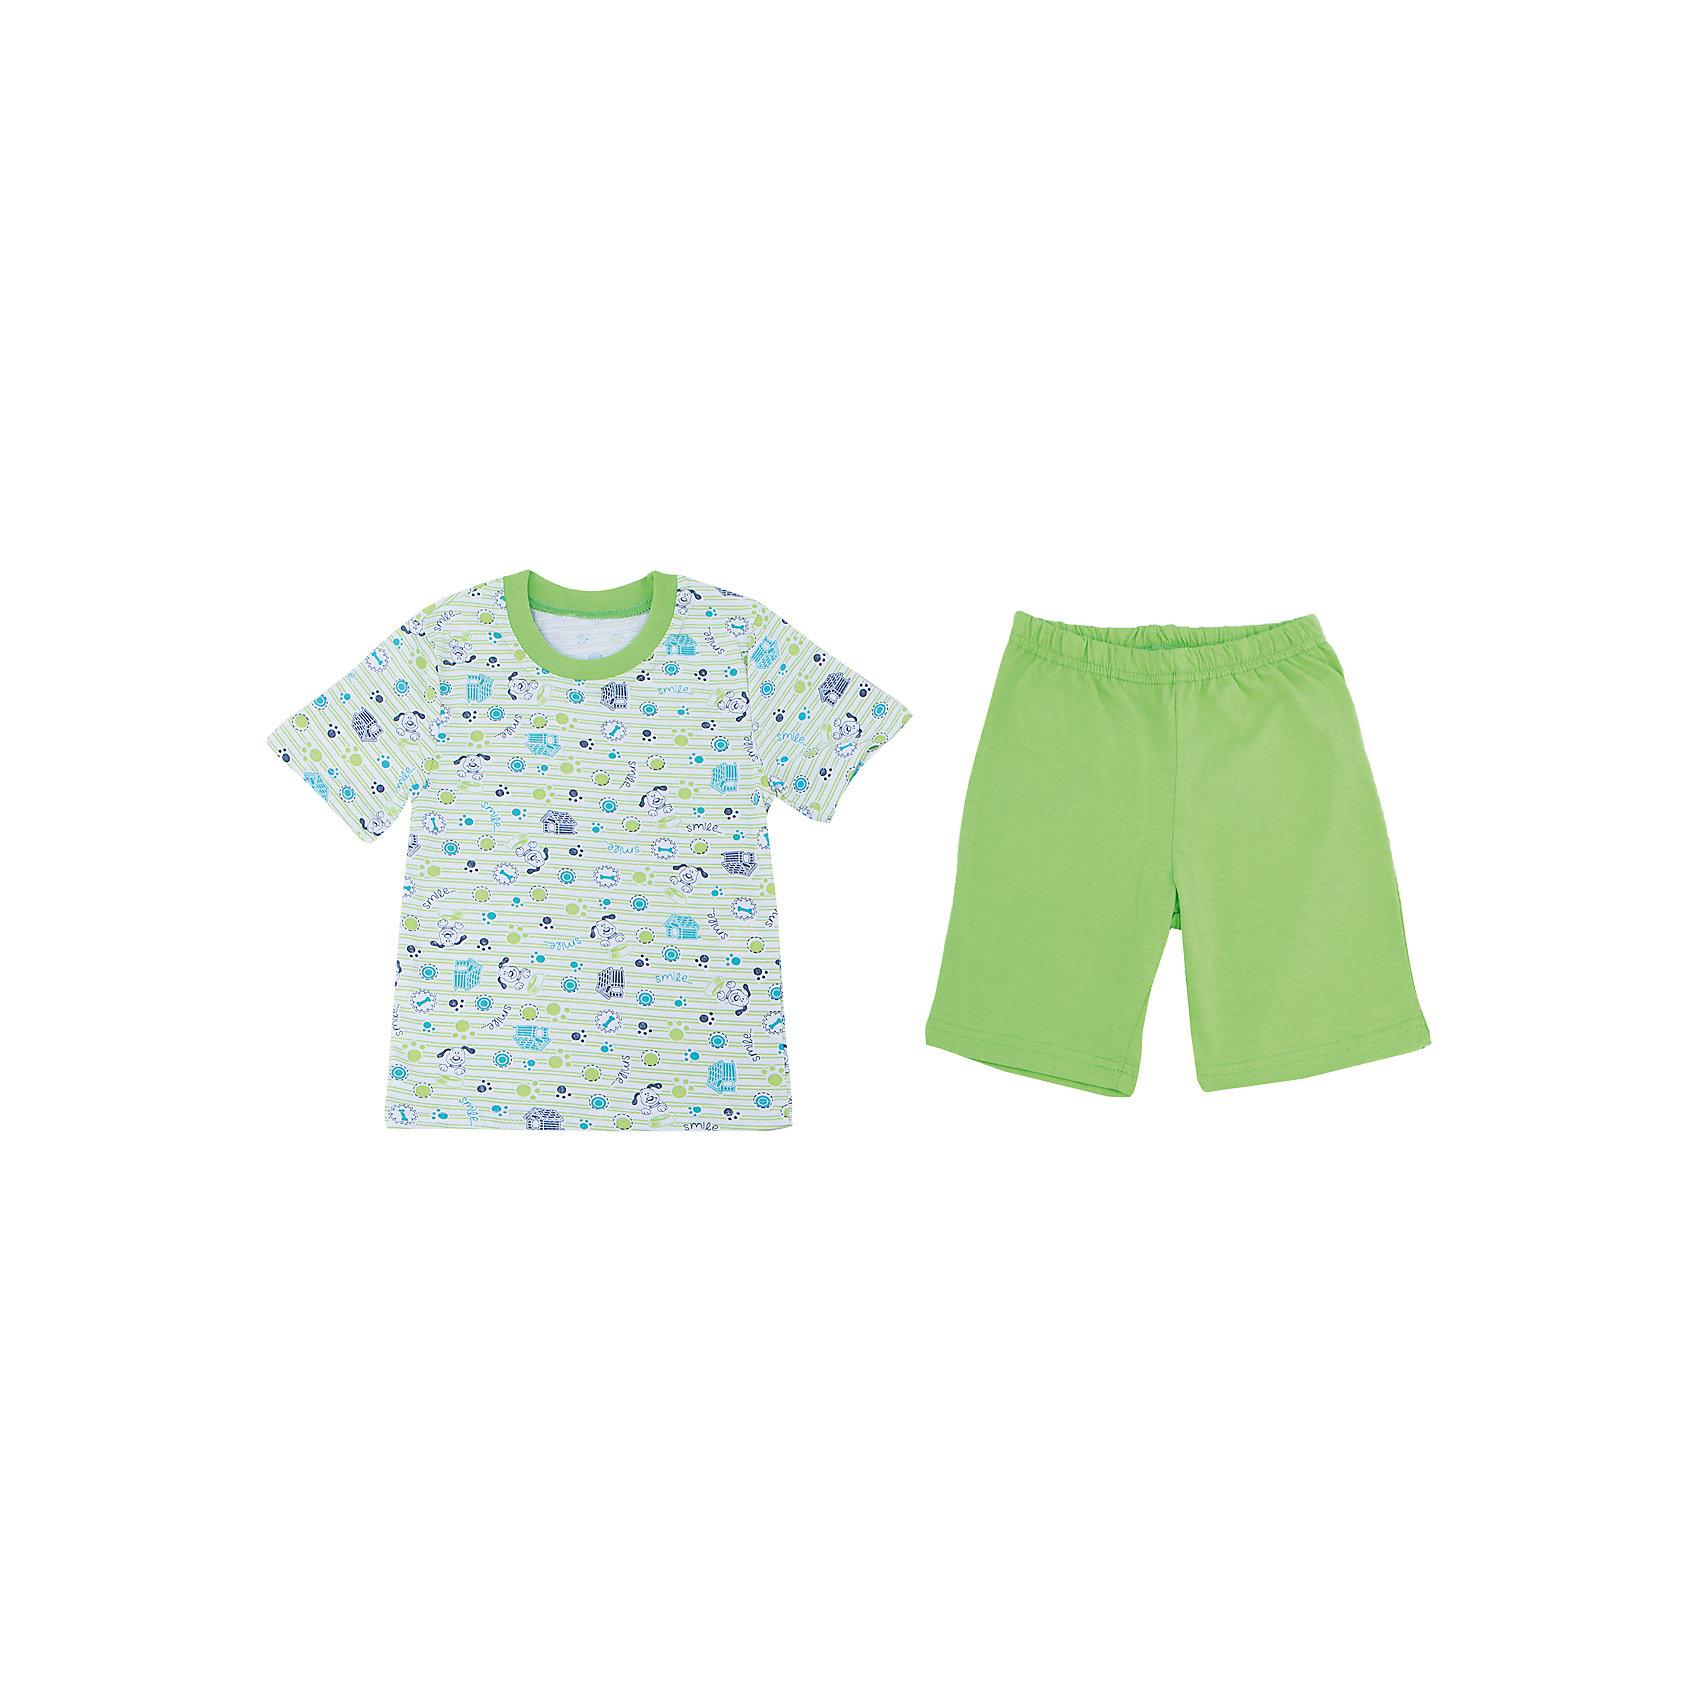 Апрель Пижама для мальчика Апрель виброплатформы для похудения в алматы в интернет магазине